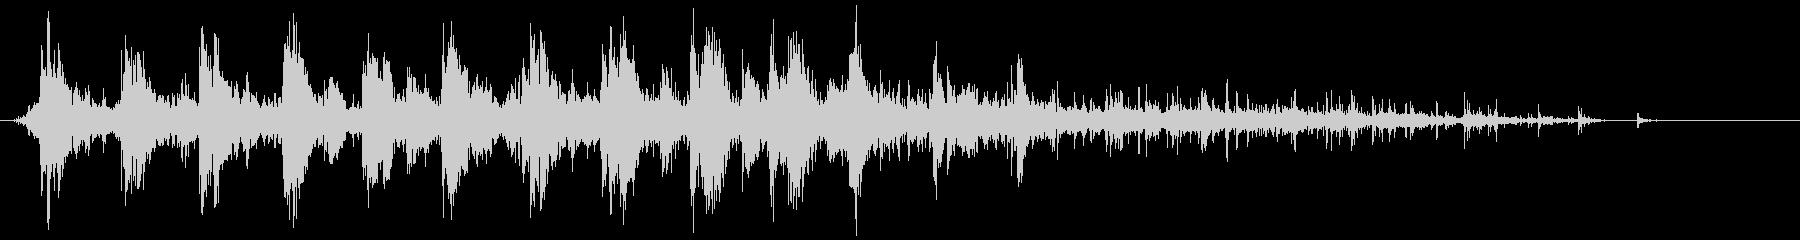 効果音 ドンドンパフパフ SEの未再生の波形